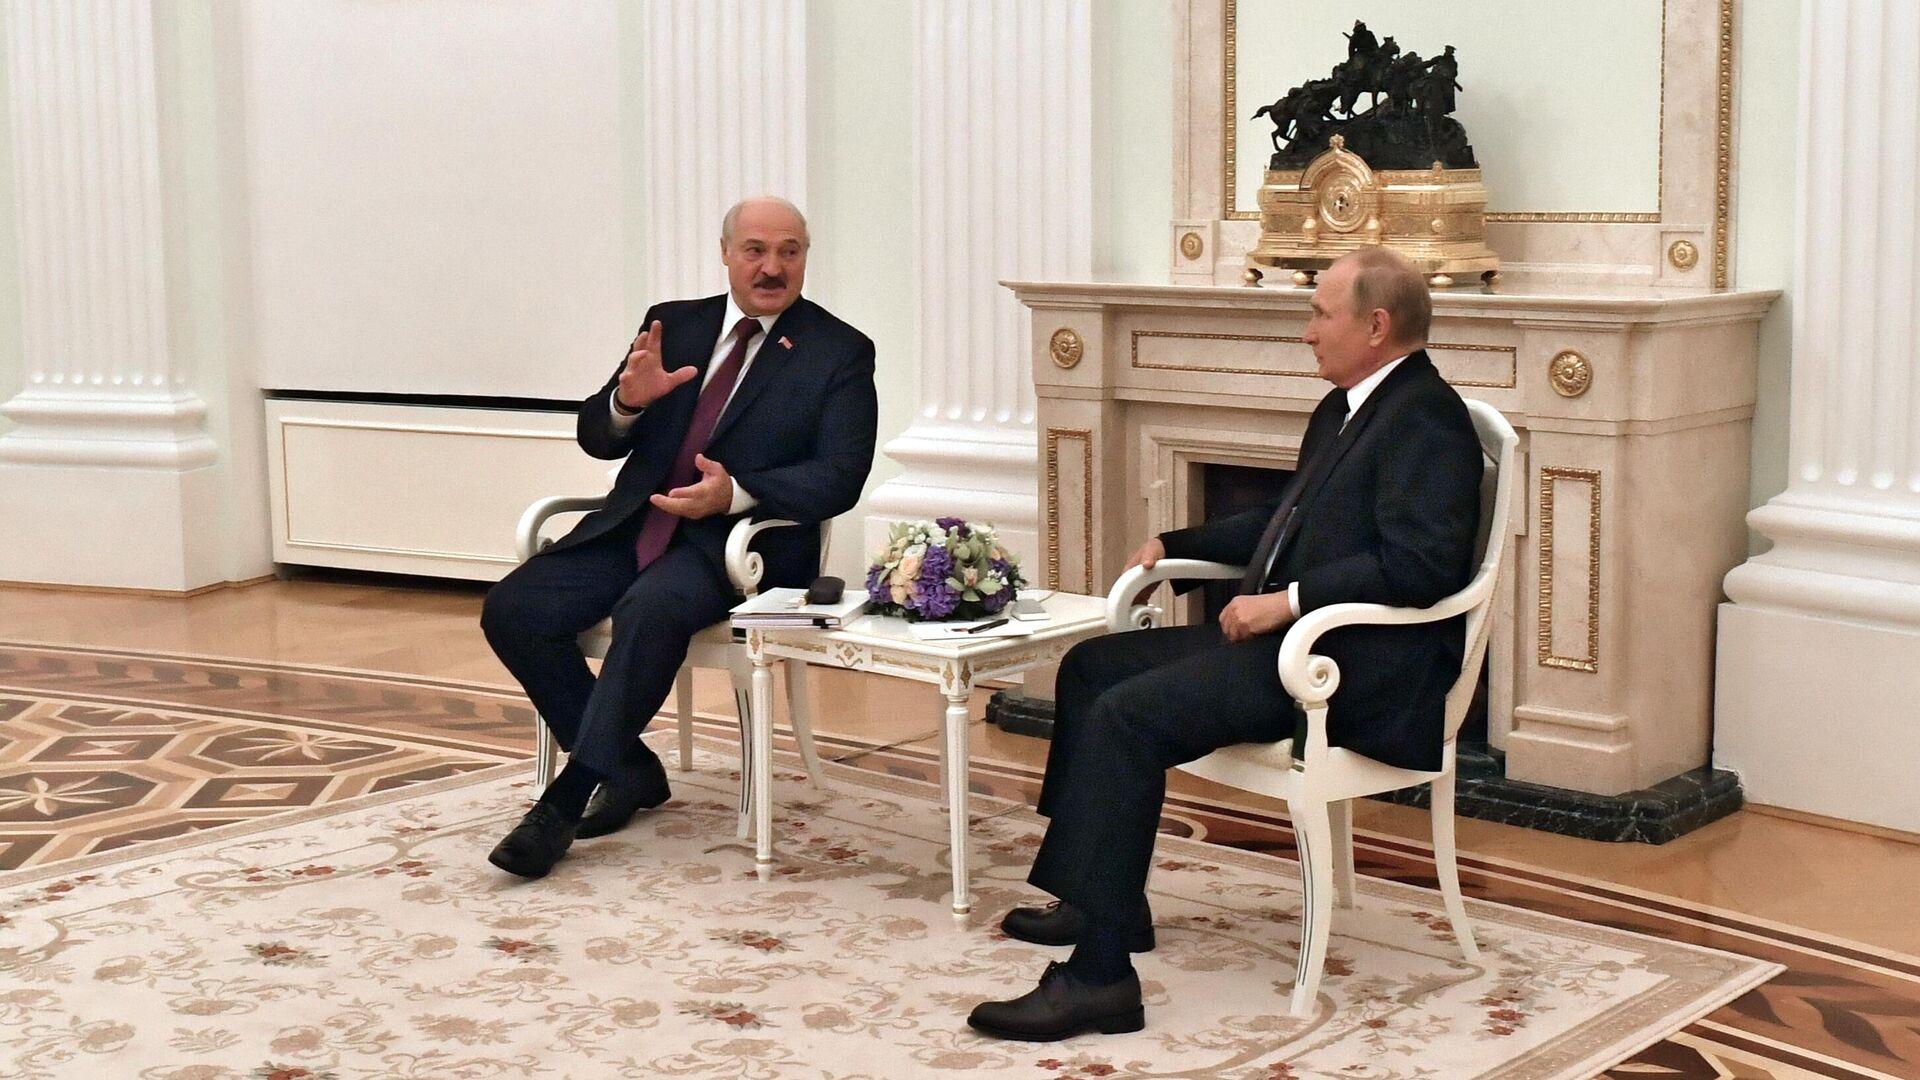 Президент РФ Владимир Путин и президент Белоруссии Александр Лукашенко во время встречи в Москве  - РИА Новости, 1920, 12.09.2021